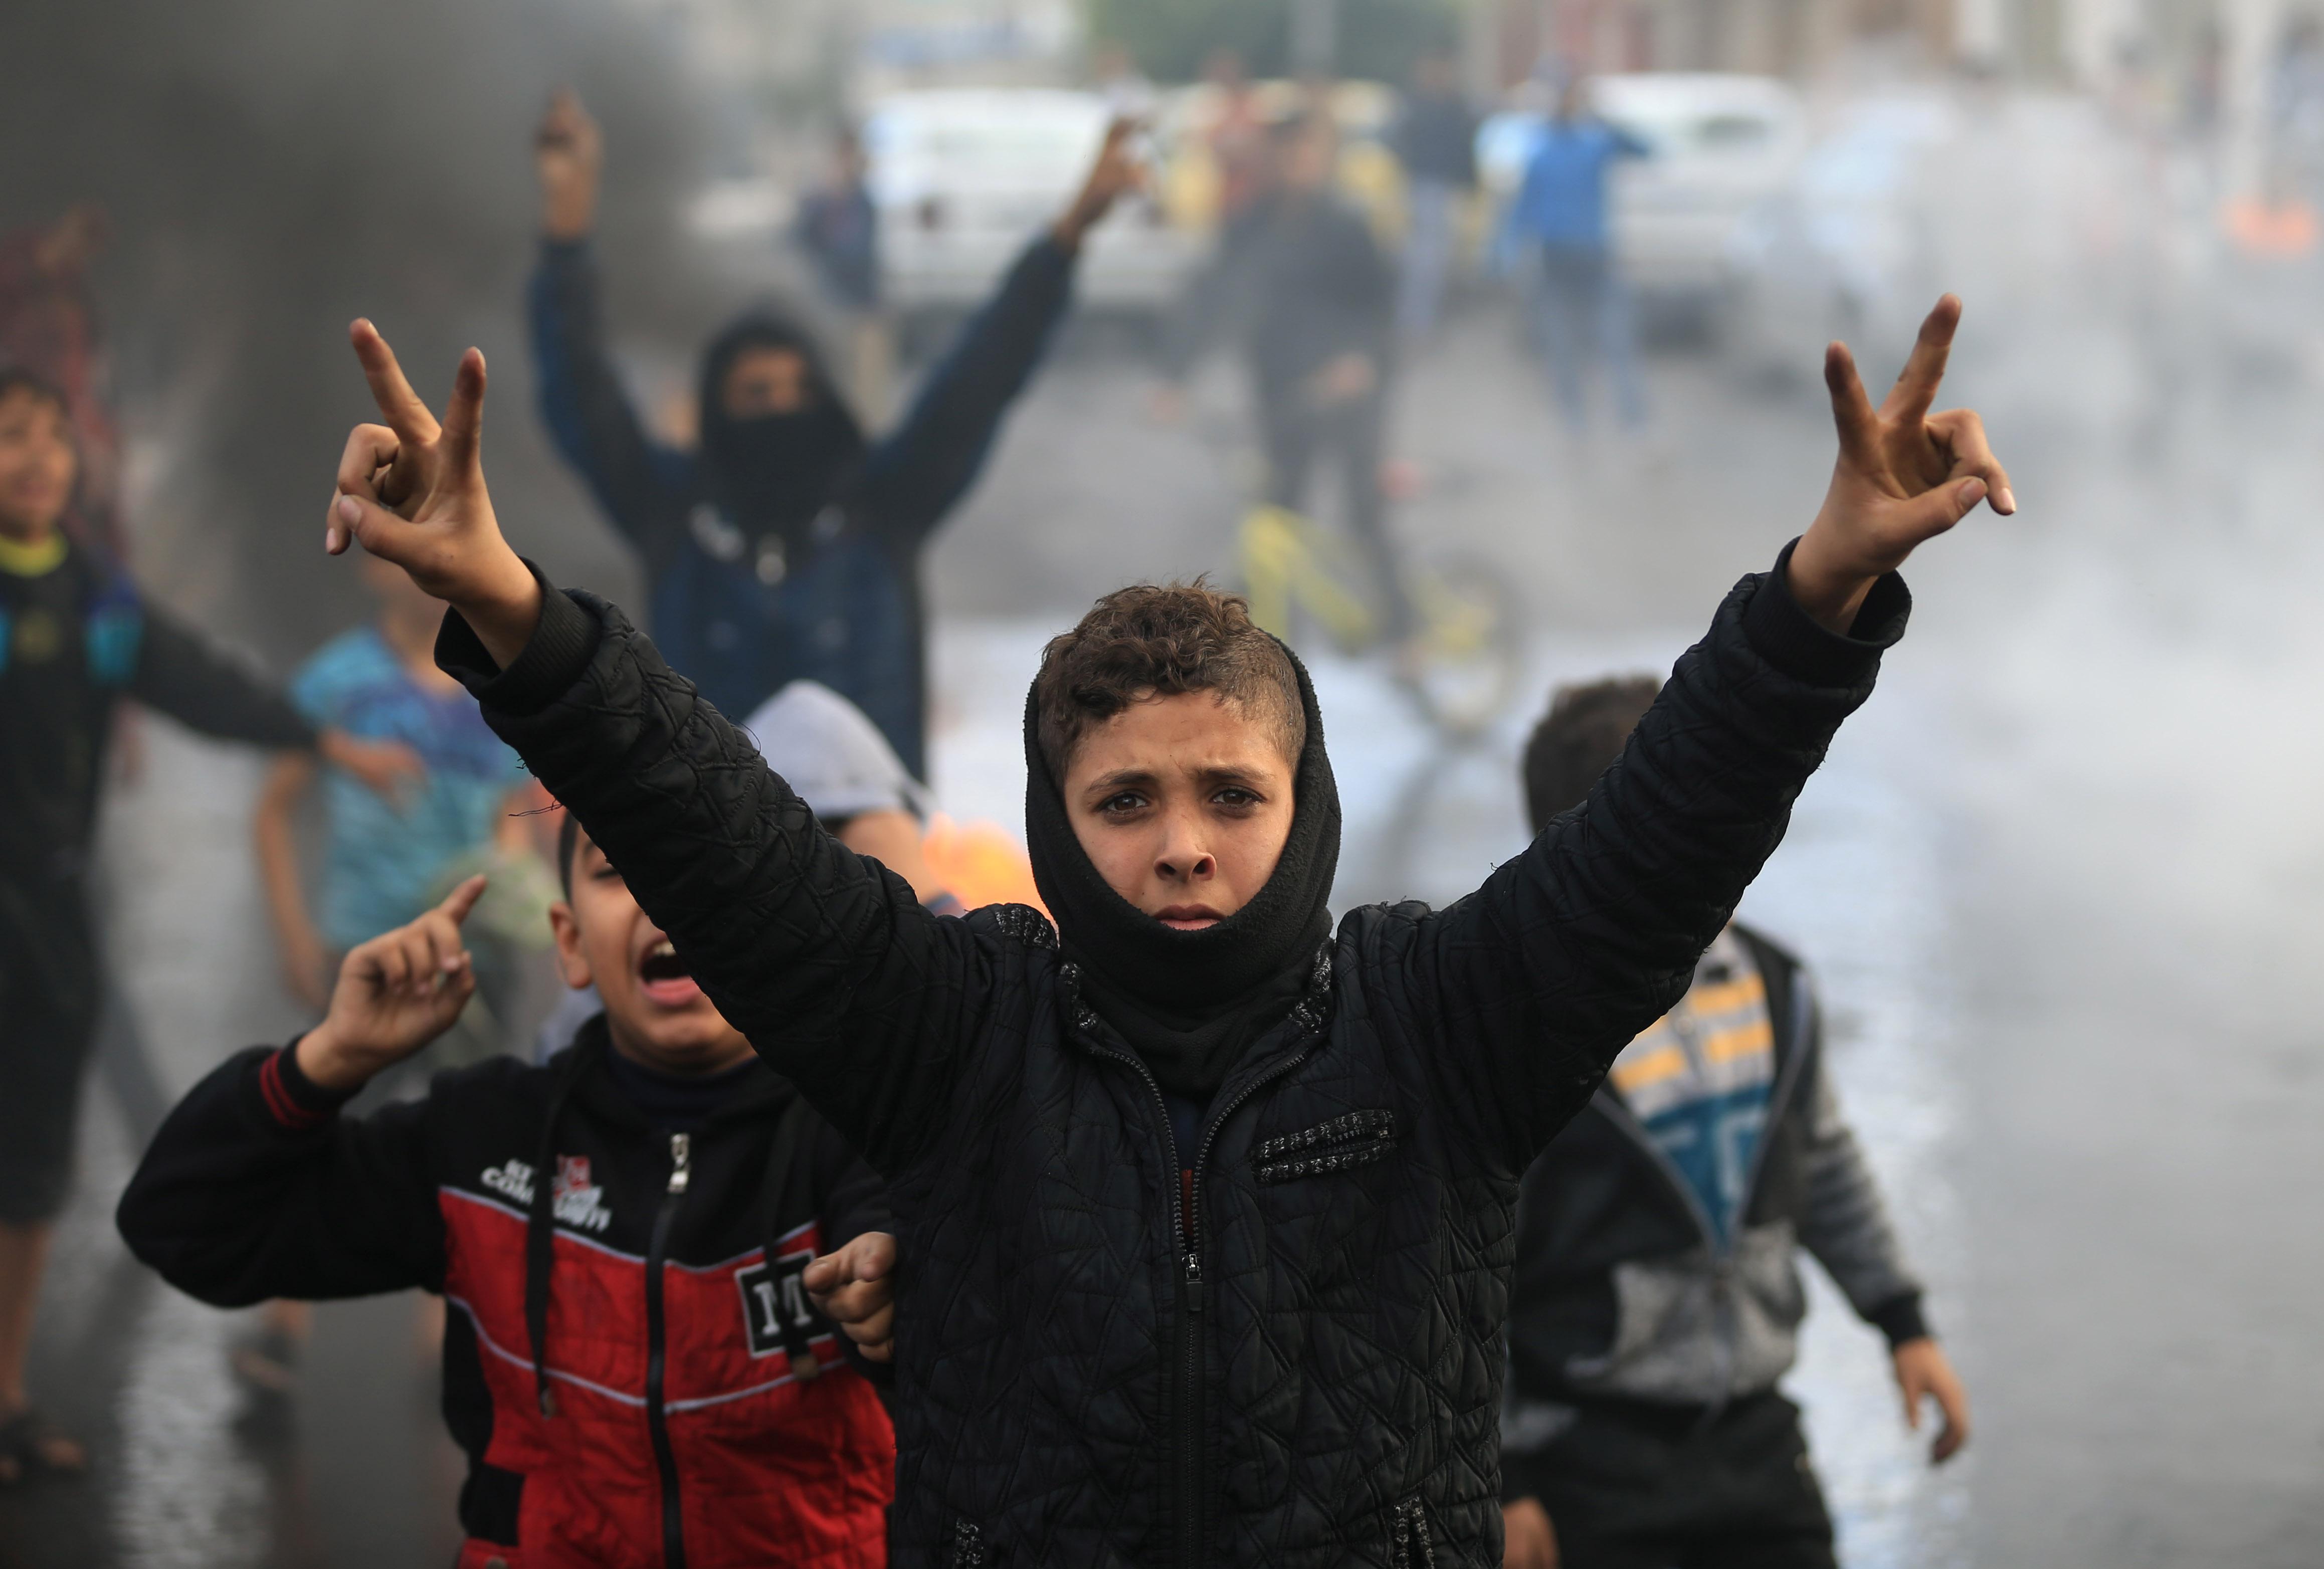 الأطفال فى غزة يشاركون فى الاحتجاجات